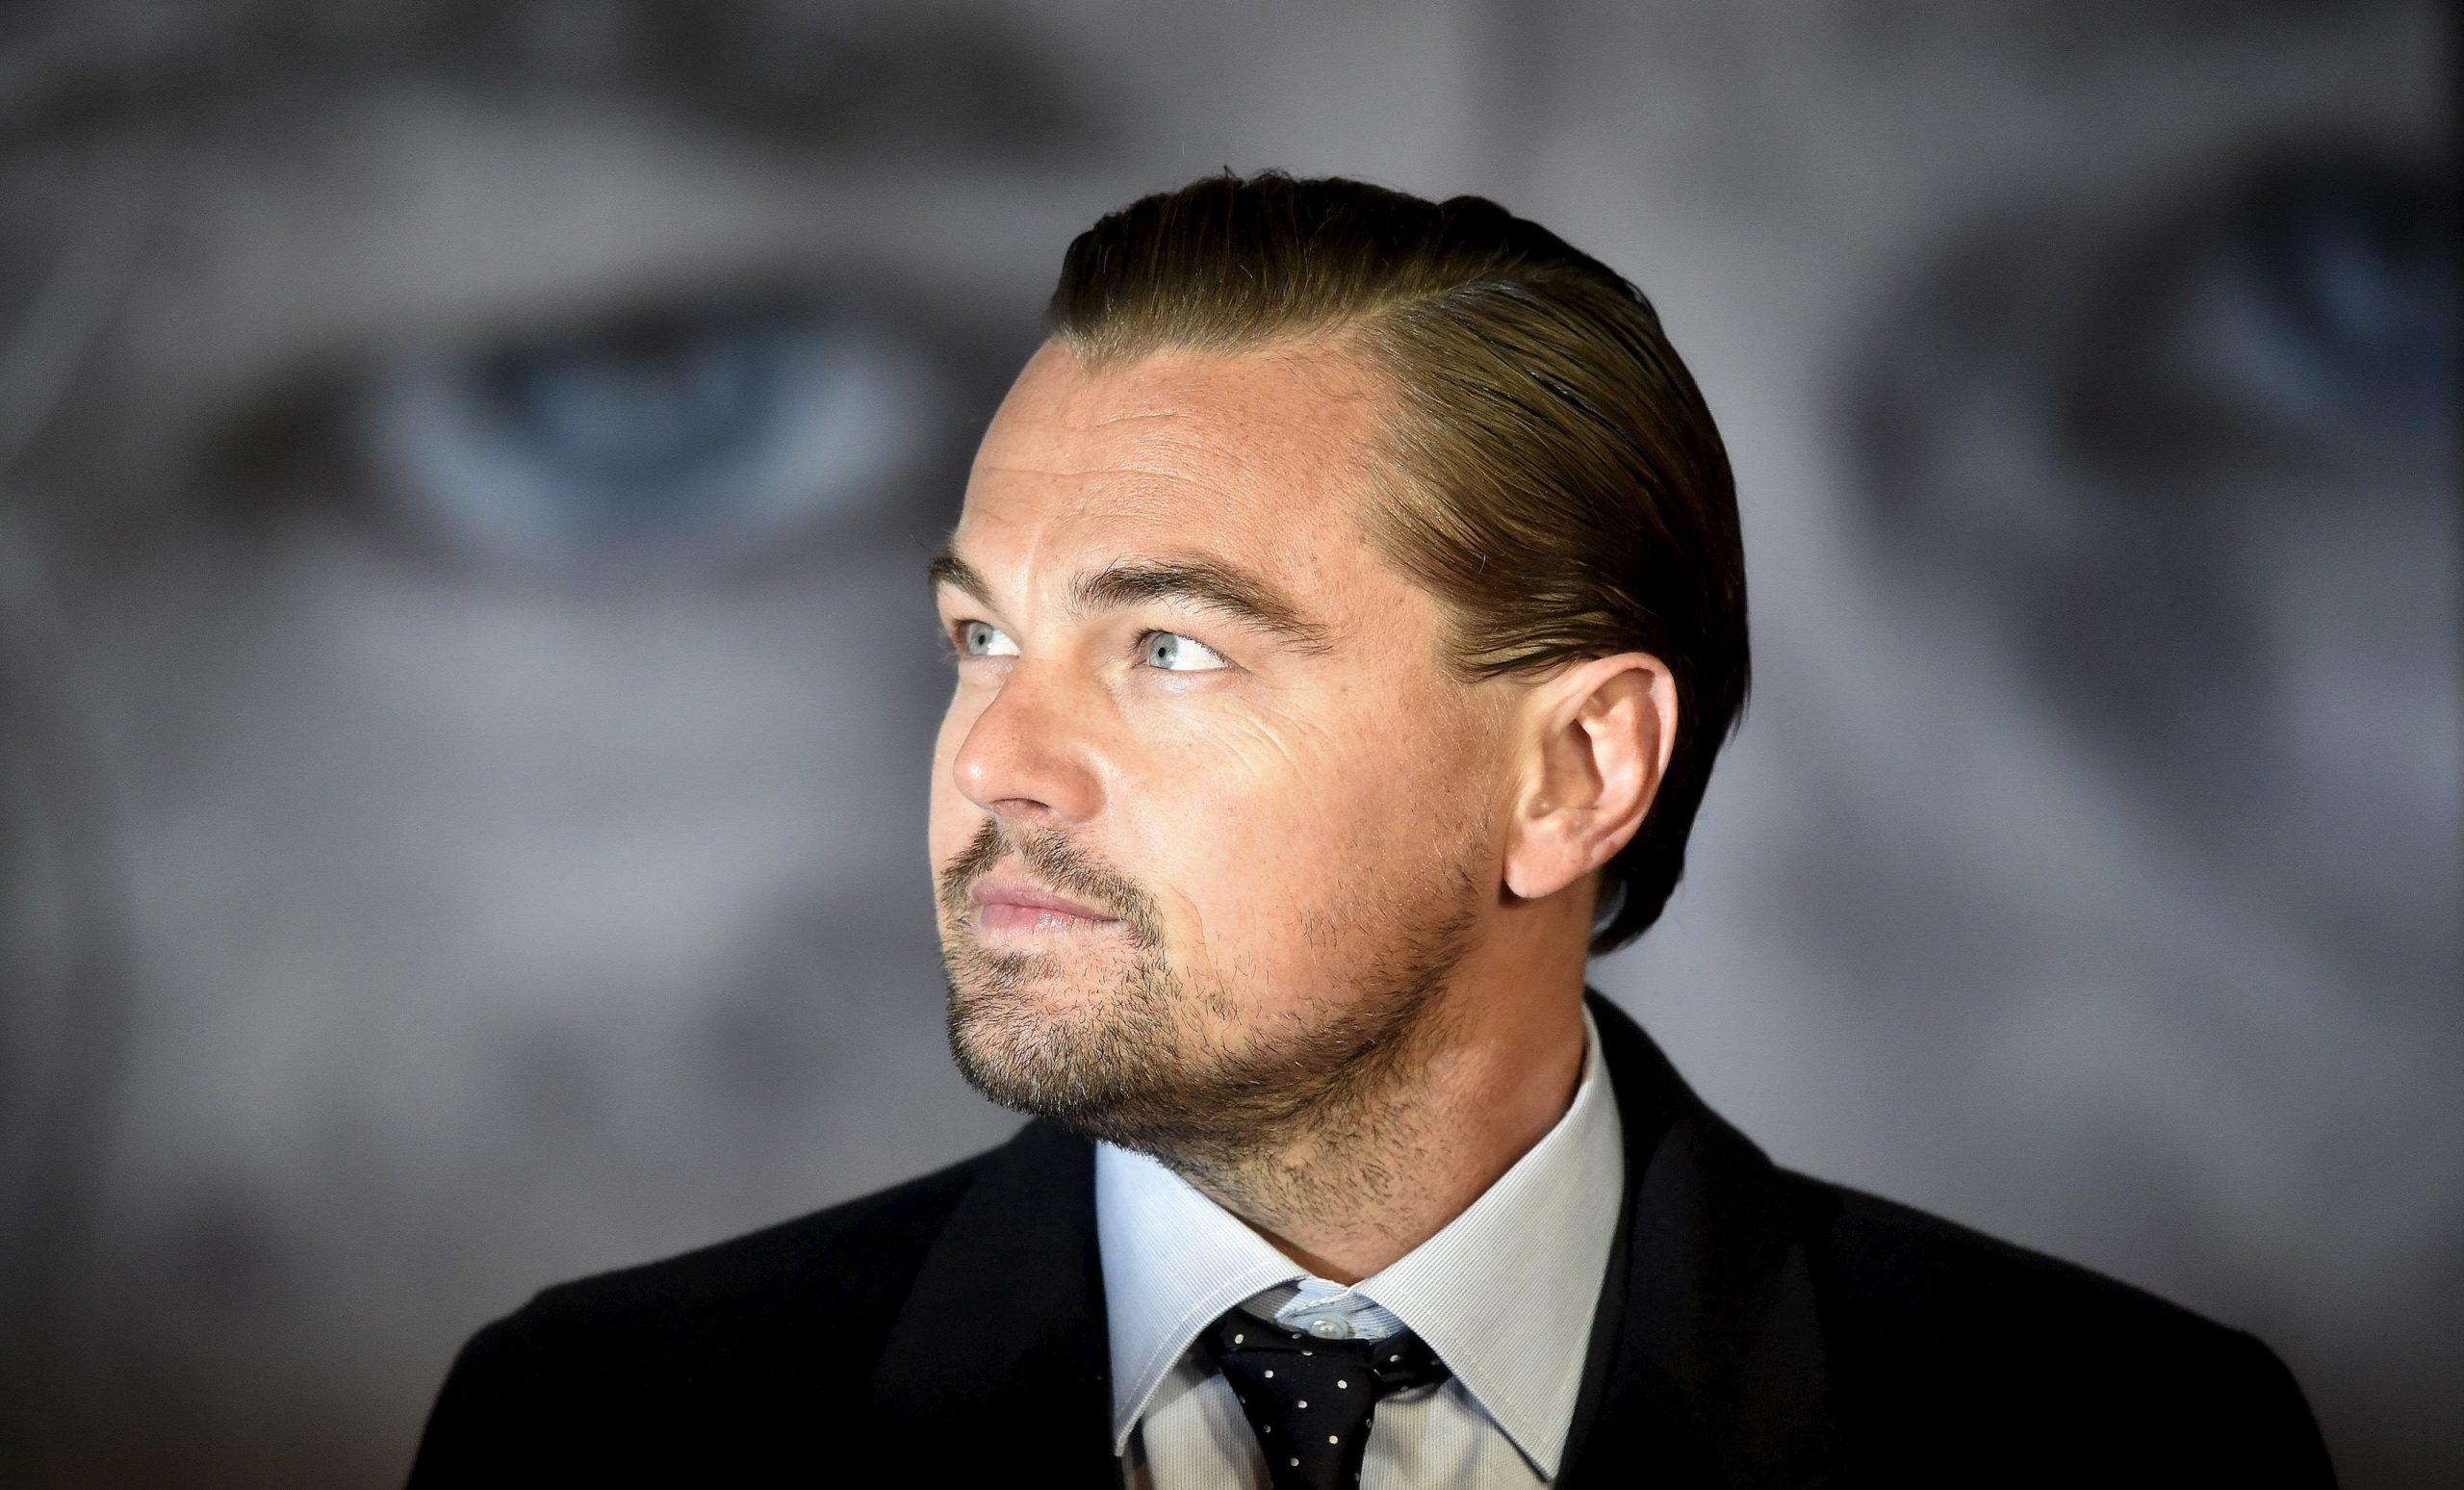 Leonardo DiCaprio/REUTERS